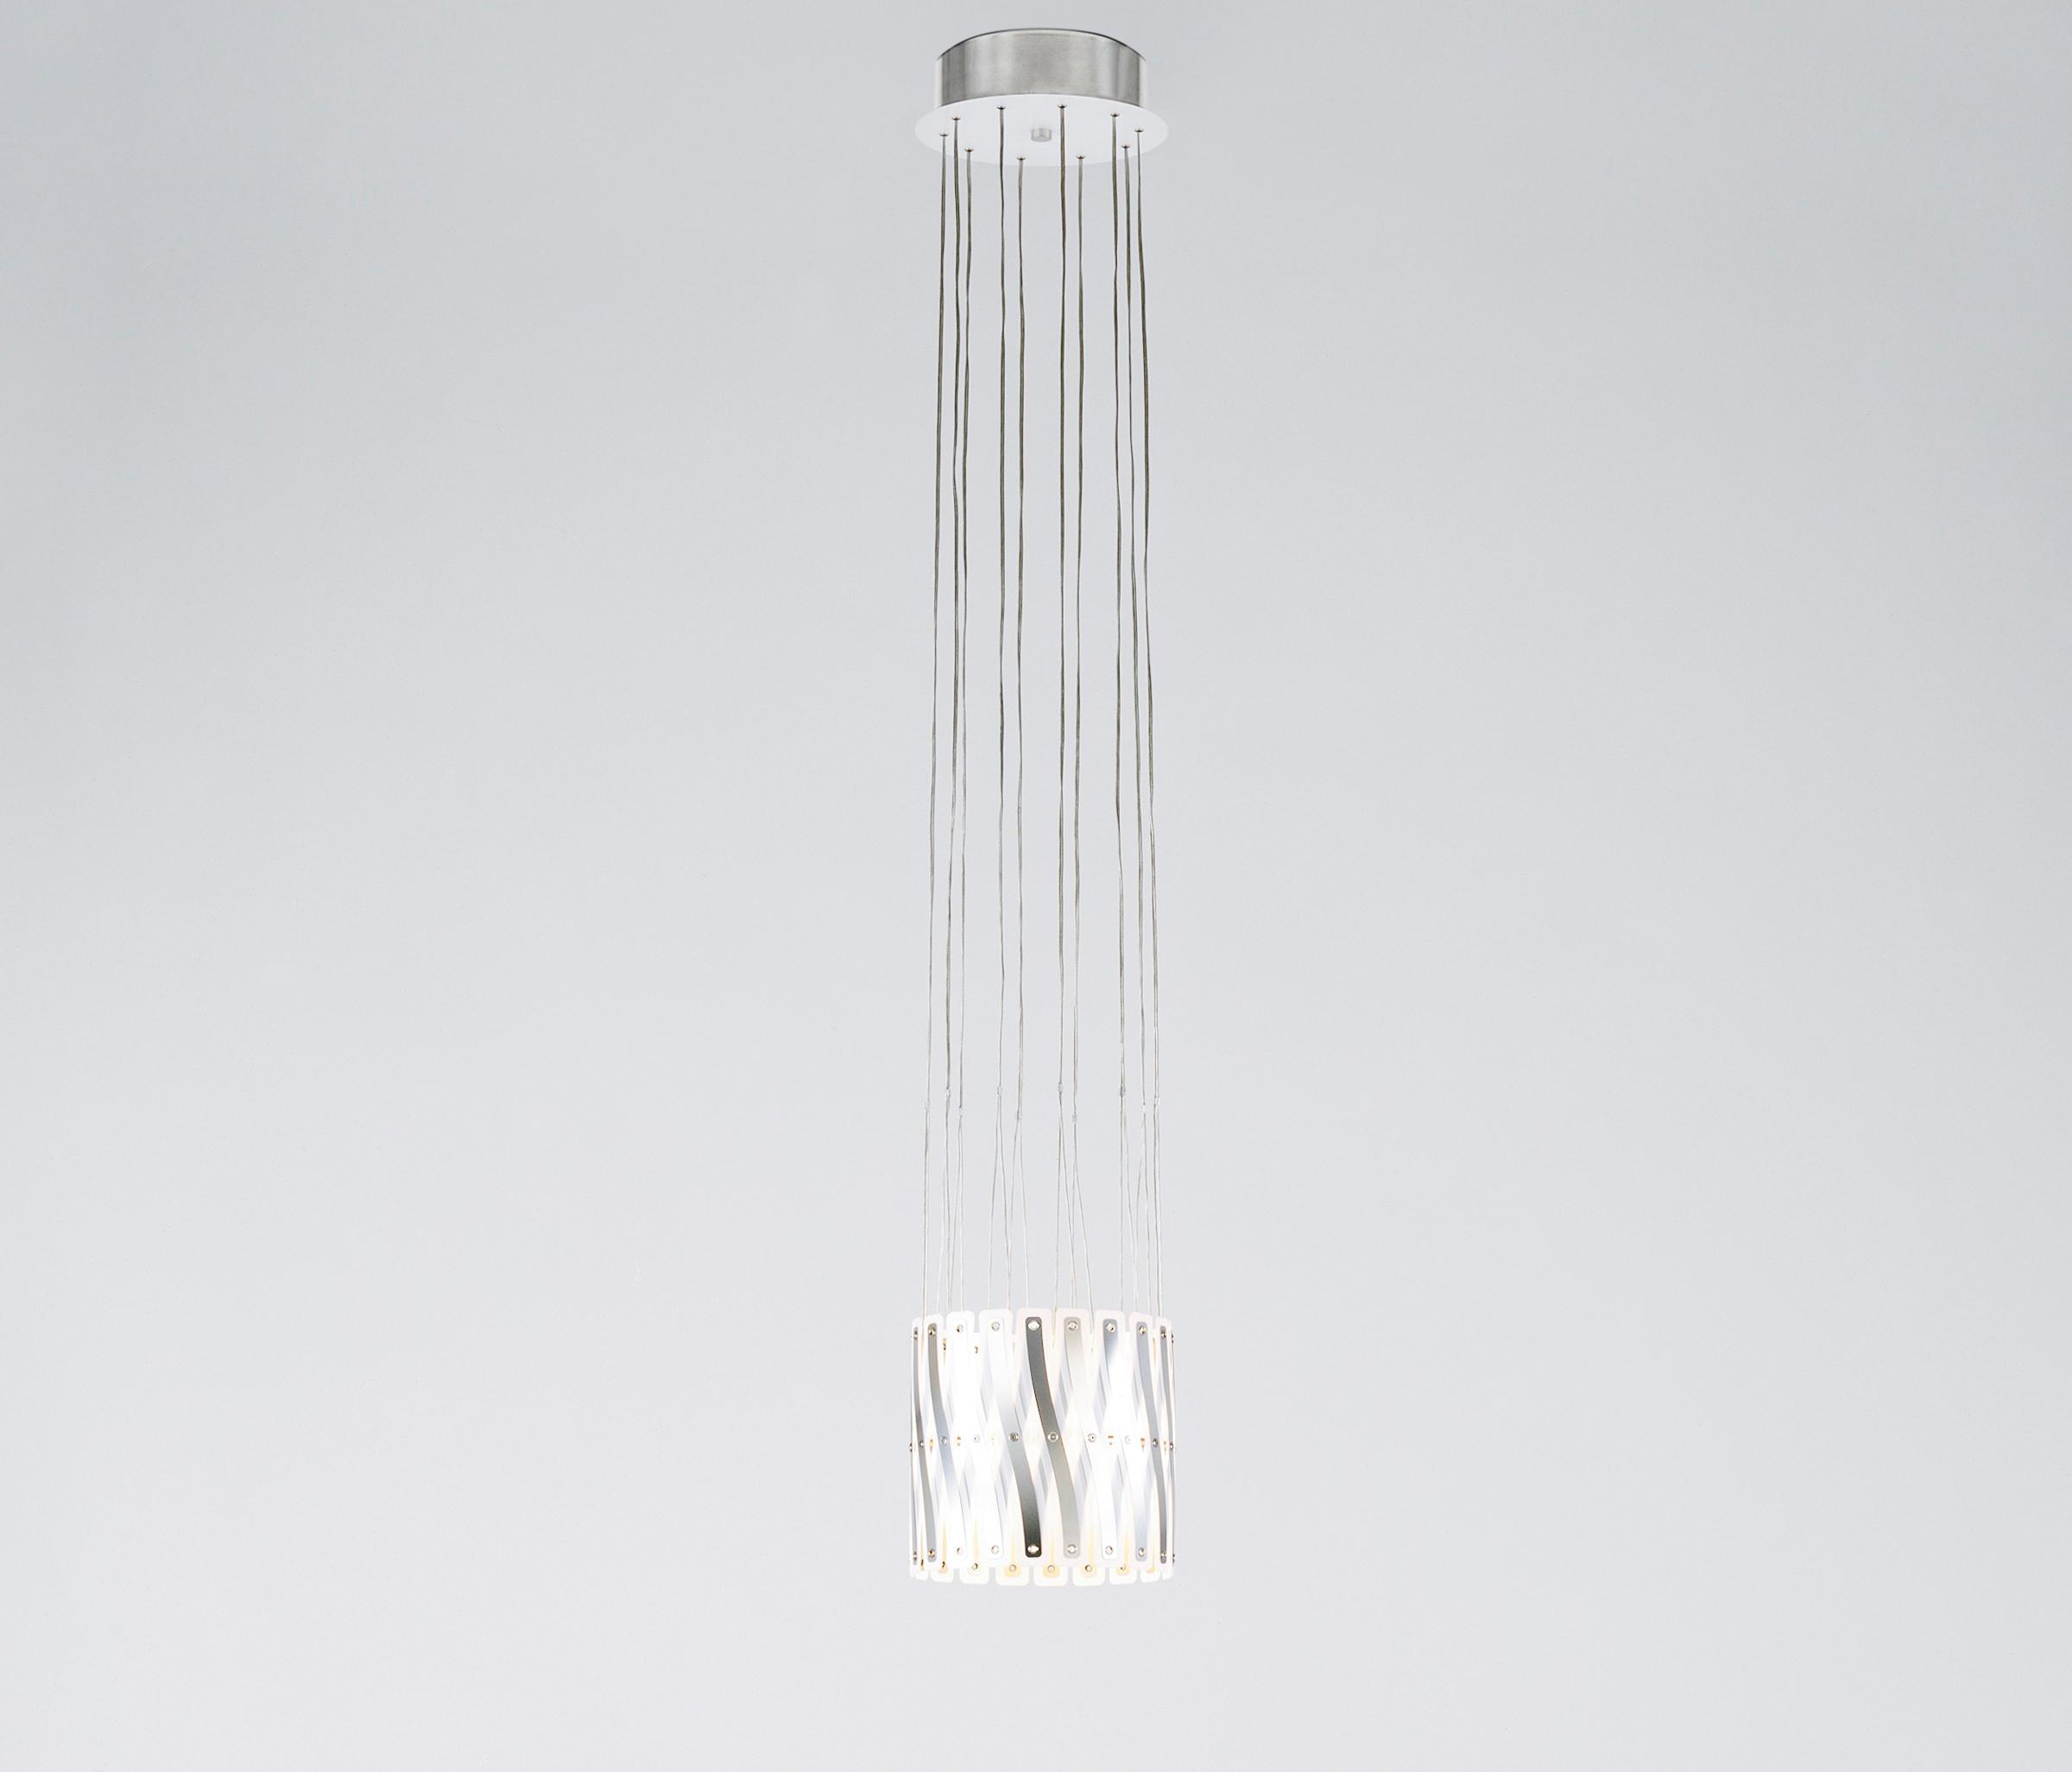 zoom 1 element general lighting from. Black Bedroom Furniture Sets. Home Design Ideas